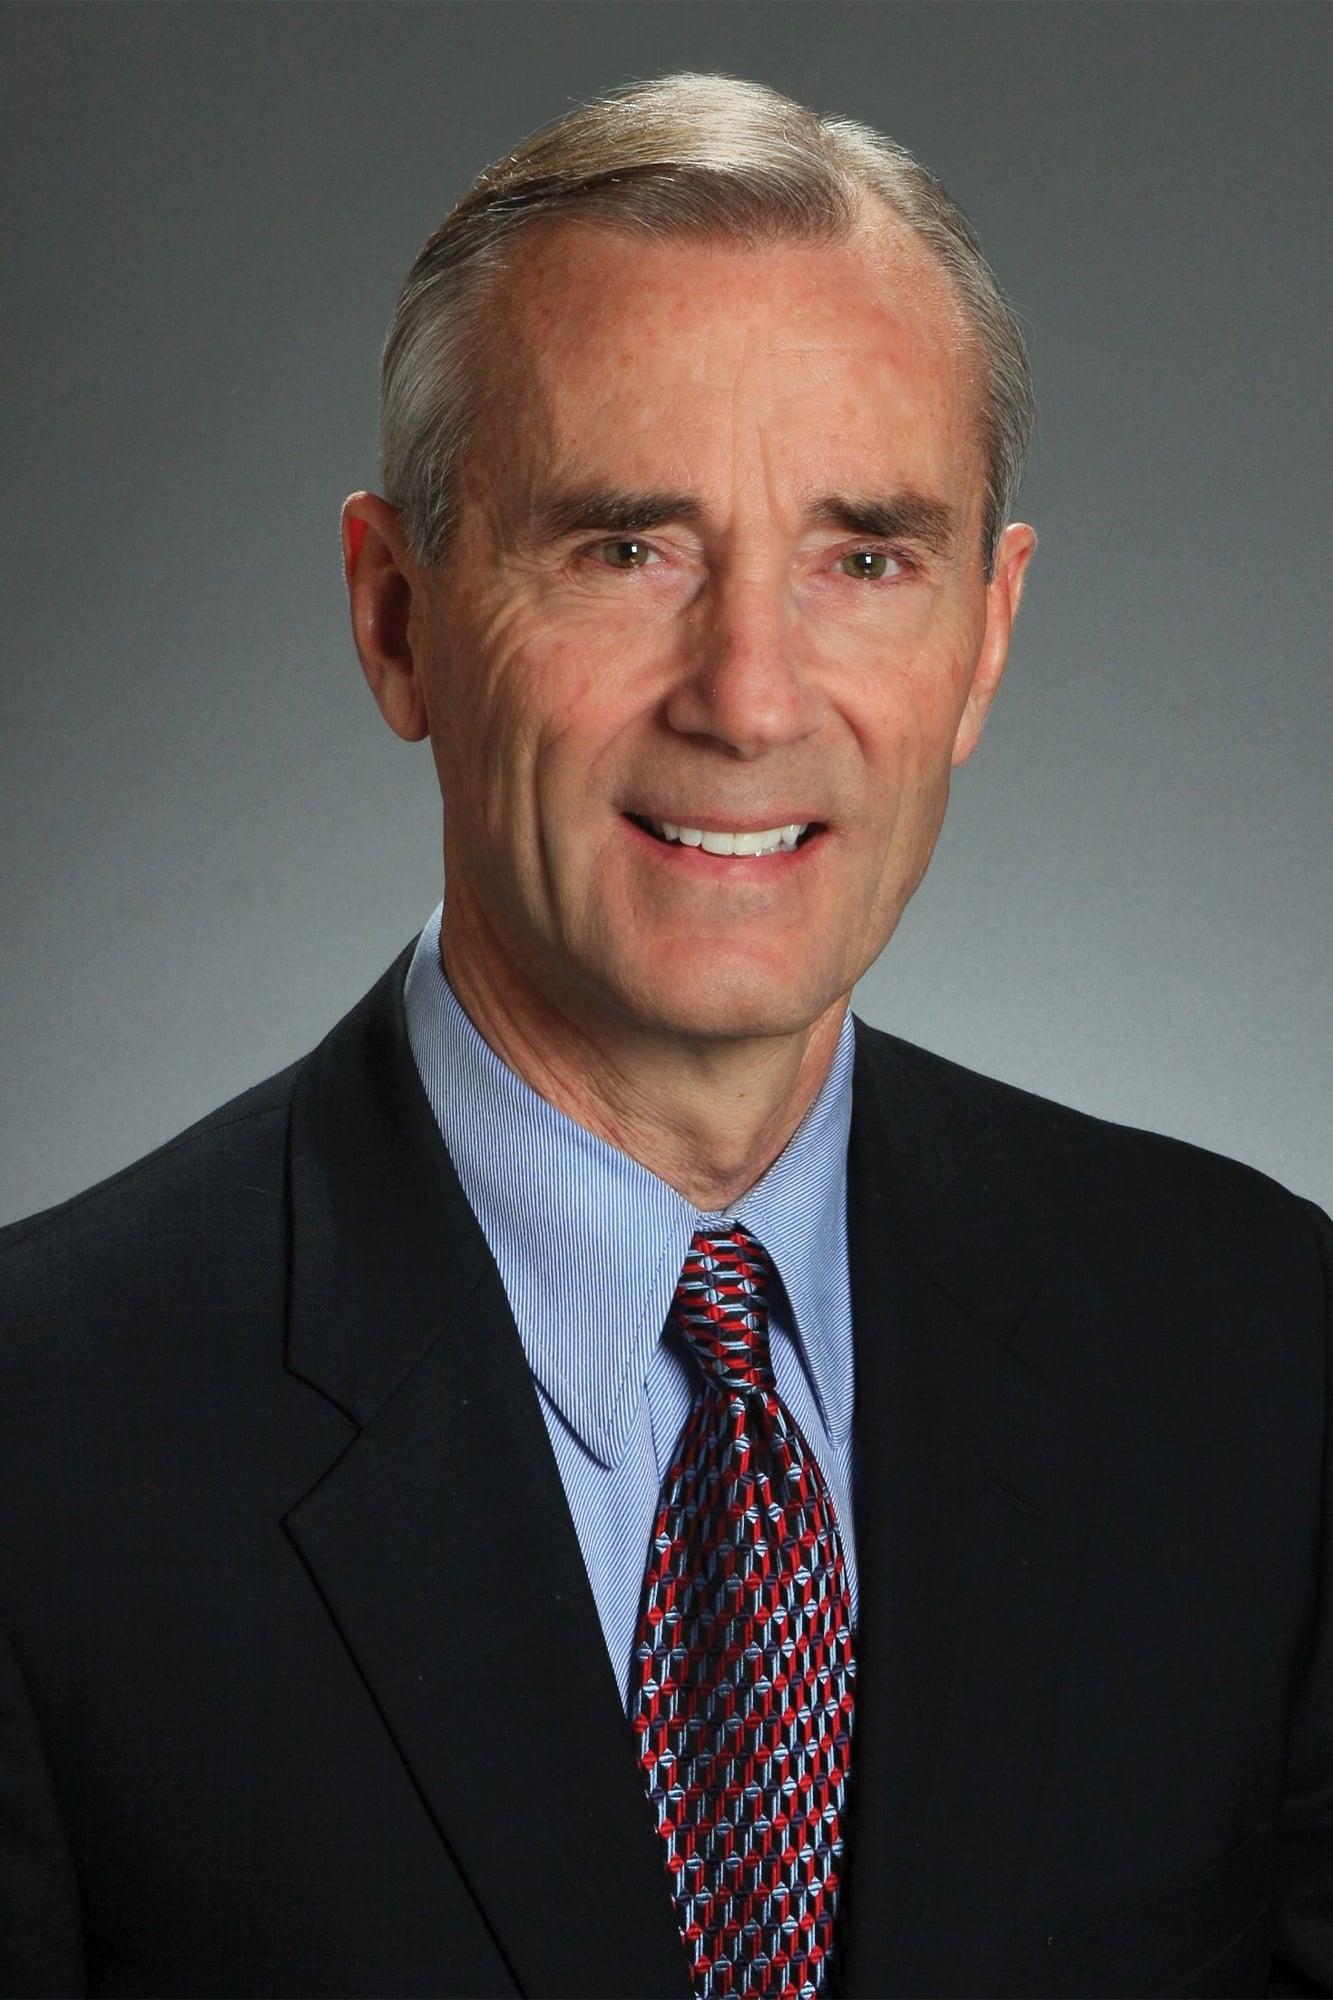 Robert V. Barron